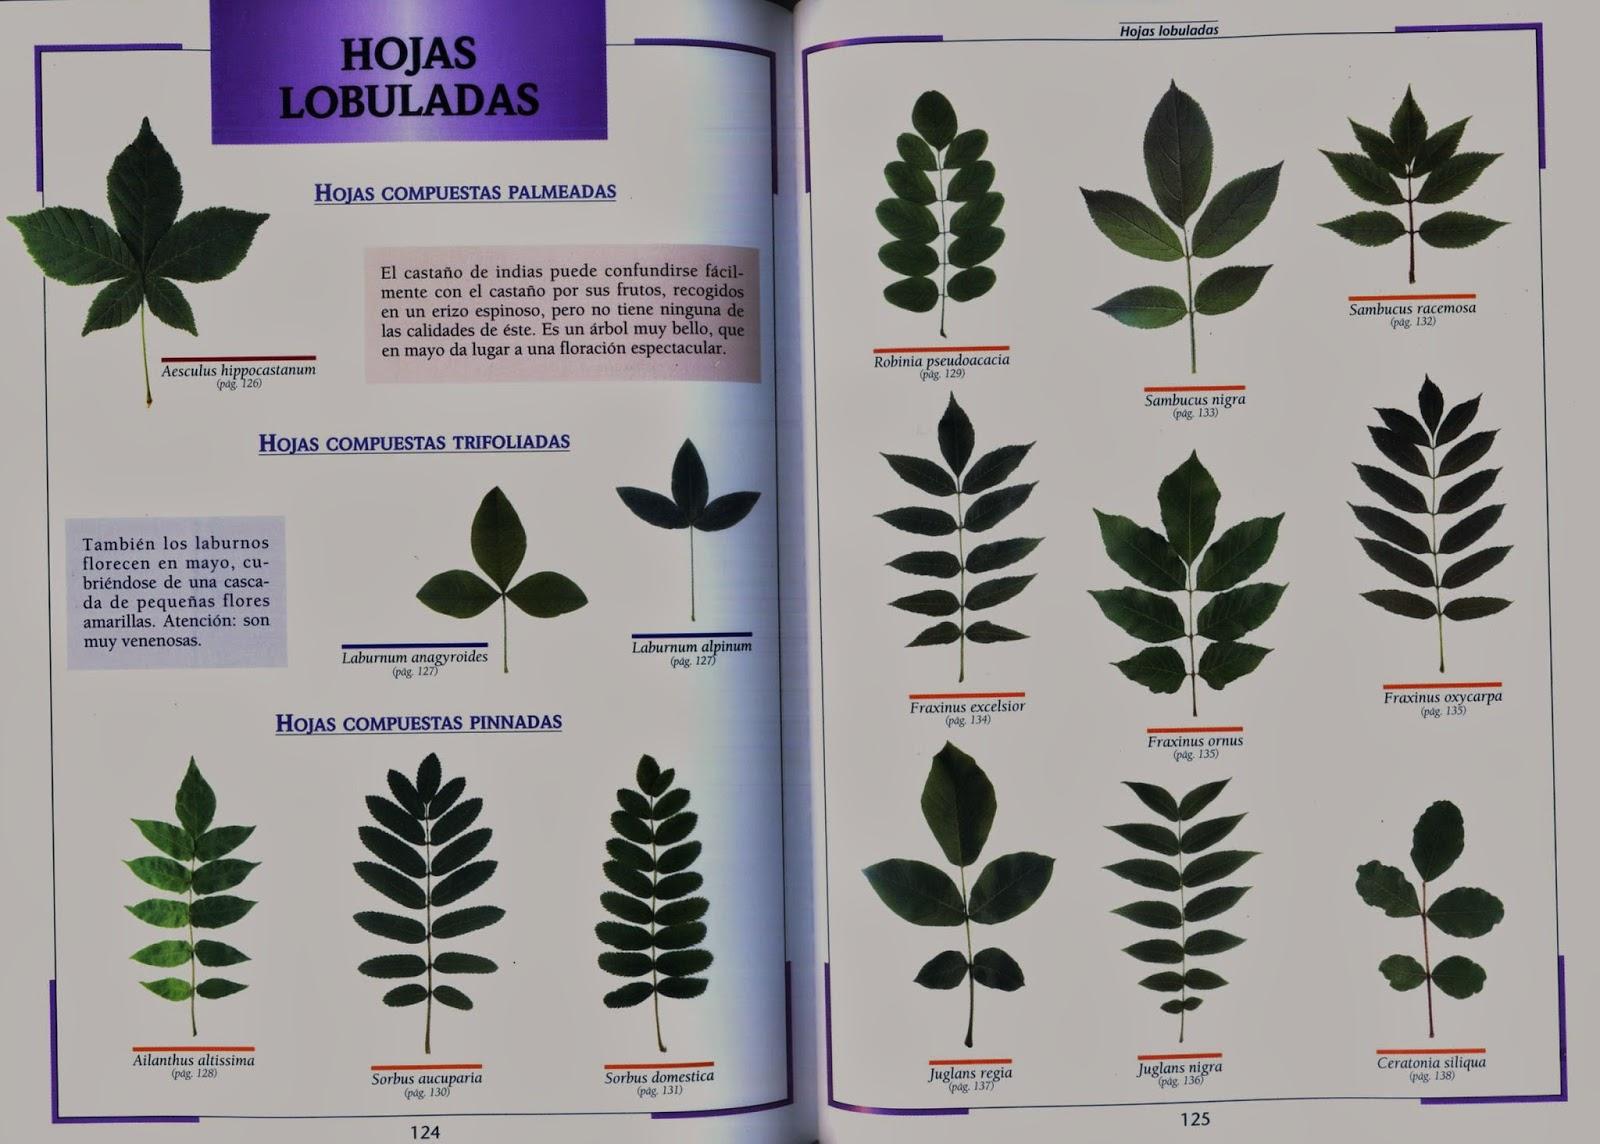 Txirpial muestrario para identificar hojas for Arboles de hoja caduca y perenne nombres